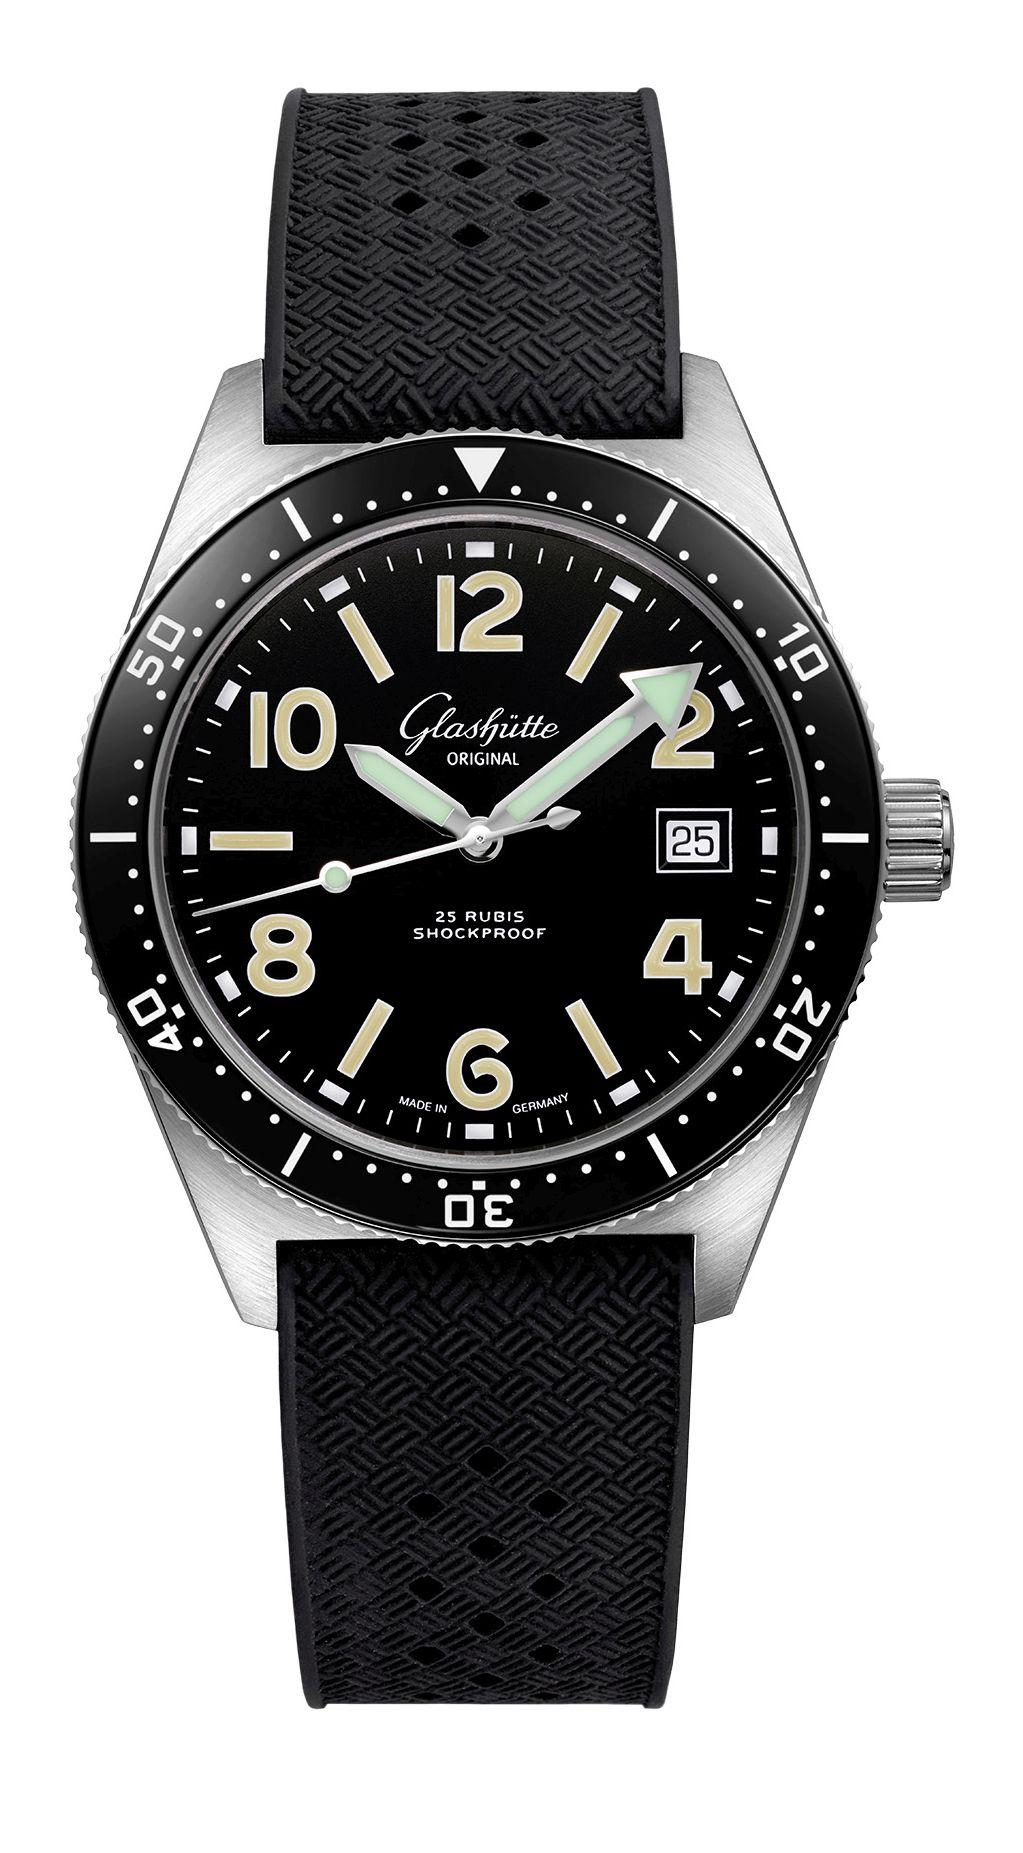 Glashütte Original SeaQ Diver Collection, Glashütte Original SeaQ Diver, SeaQ Diver